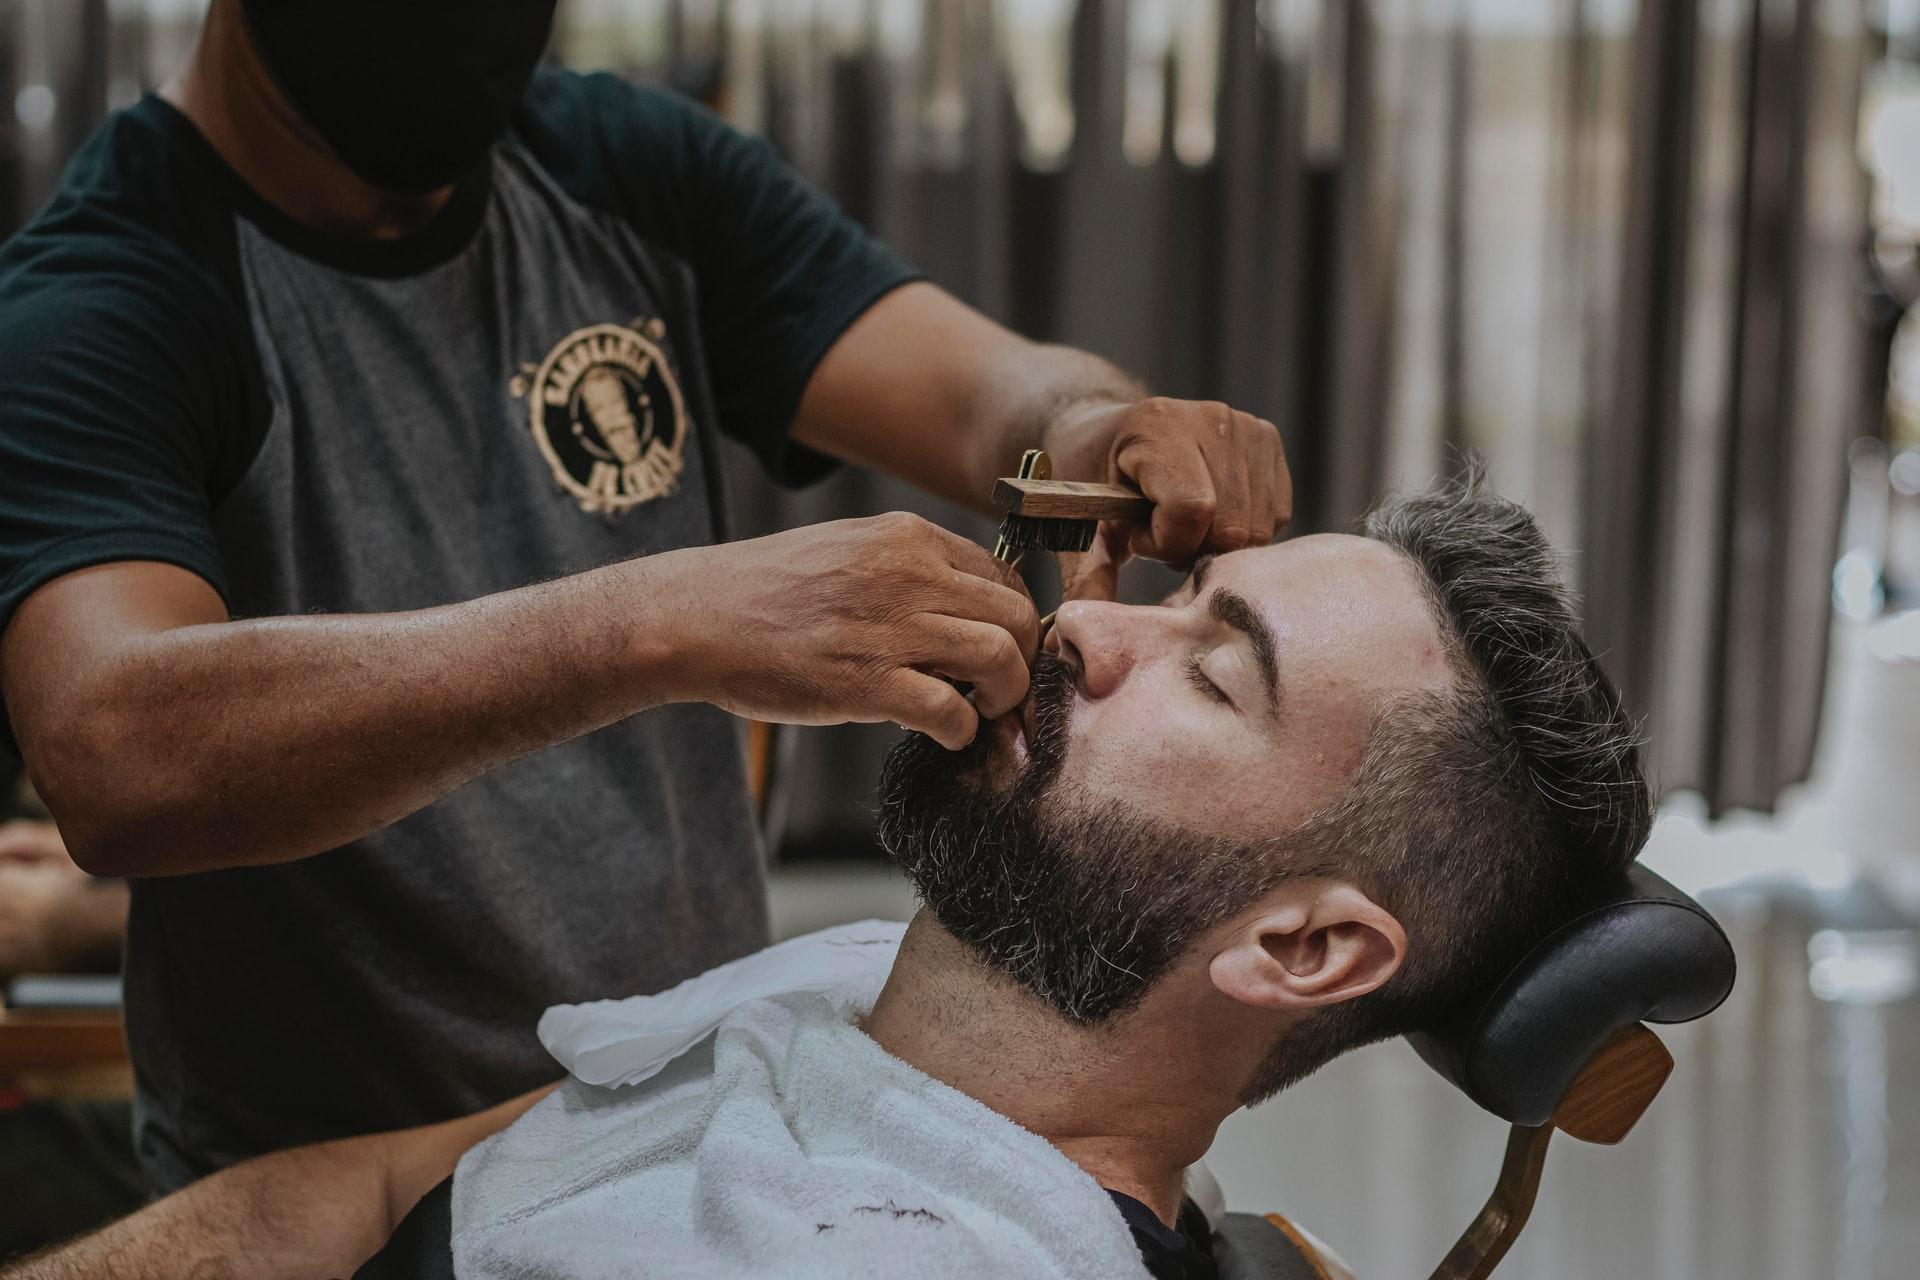 Berber kuaför genelgesi: Berber ve kuaförler açık mı, açılacak mı 2021? Berber kuaför çalışma saatleri 2021